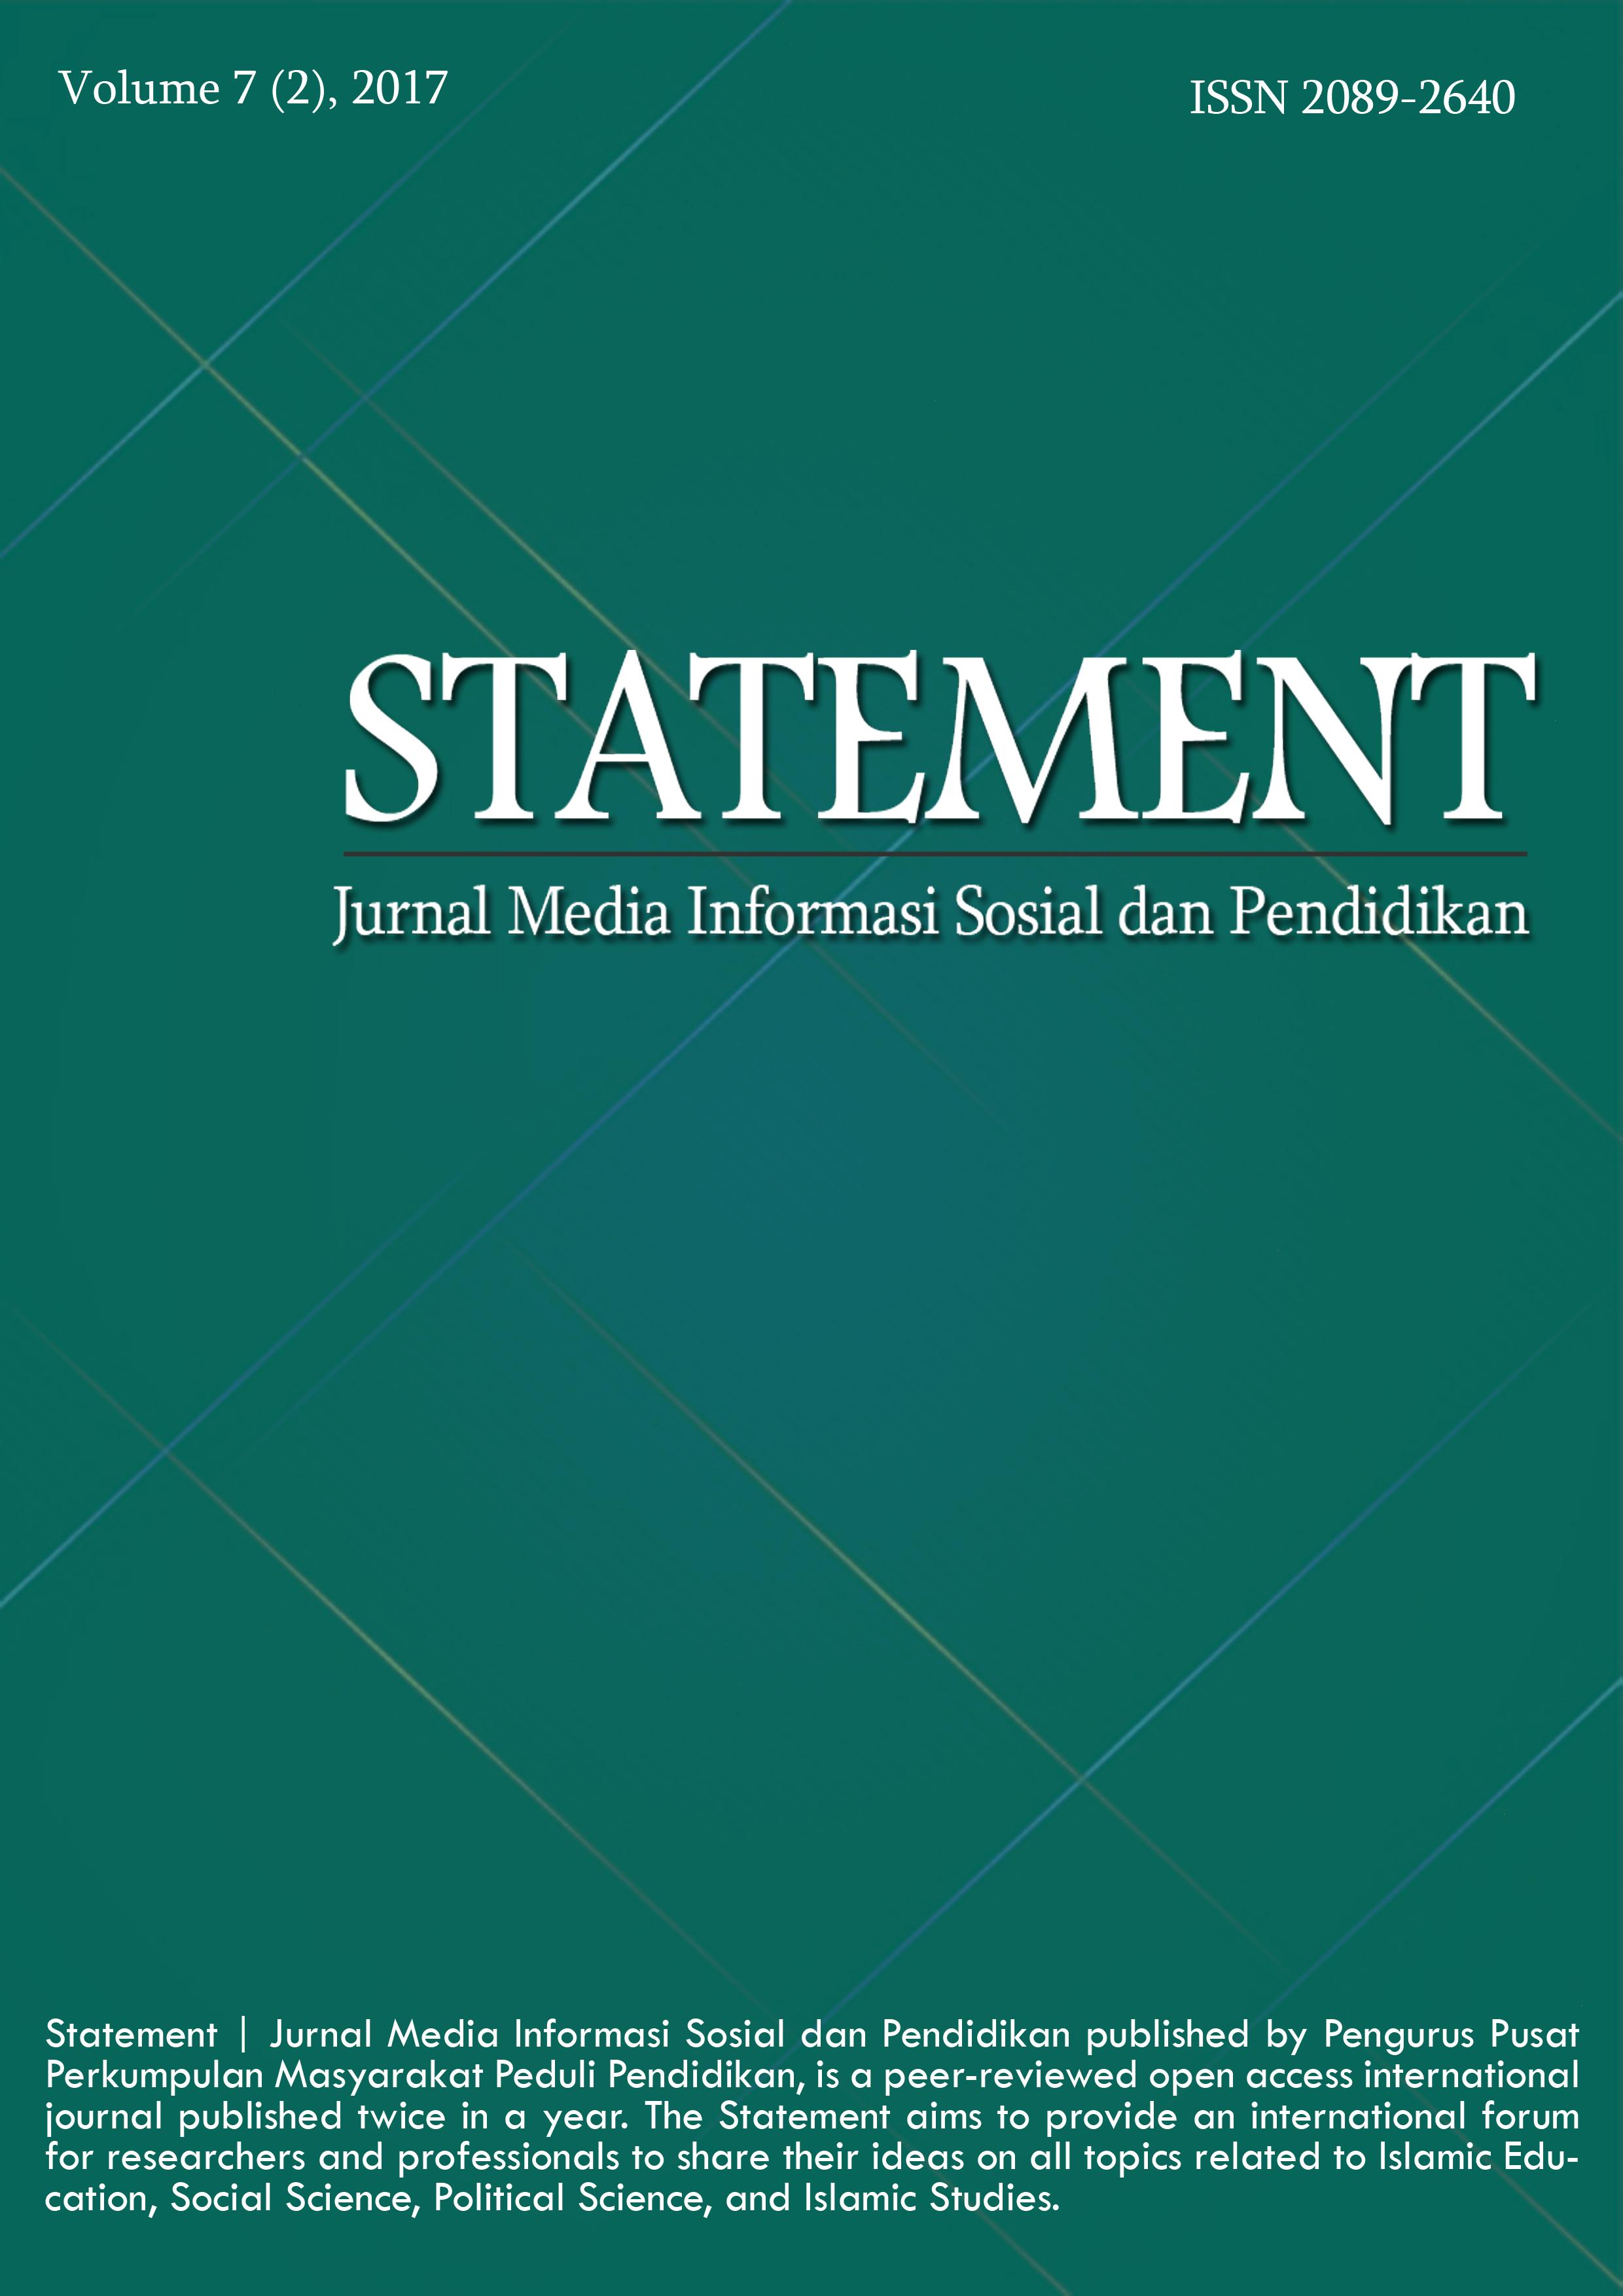 View Vol. 7 No. 2 (2017): Statement | Jurnal Media Informasi Sosial dan Pendidikan